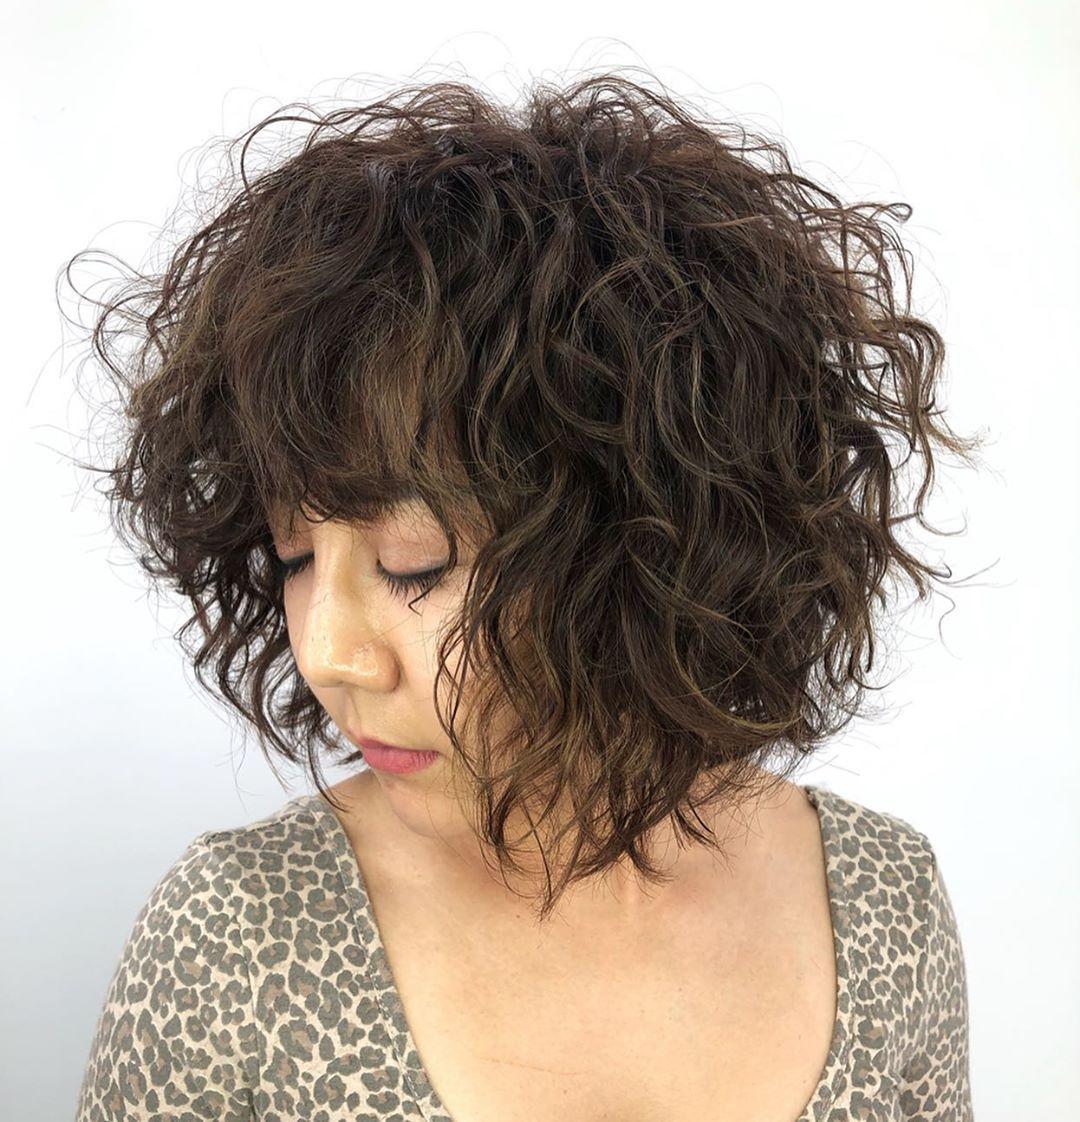 corte de pelo corto y rizado para niña asiática